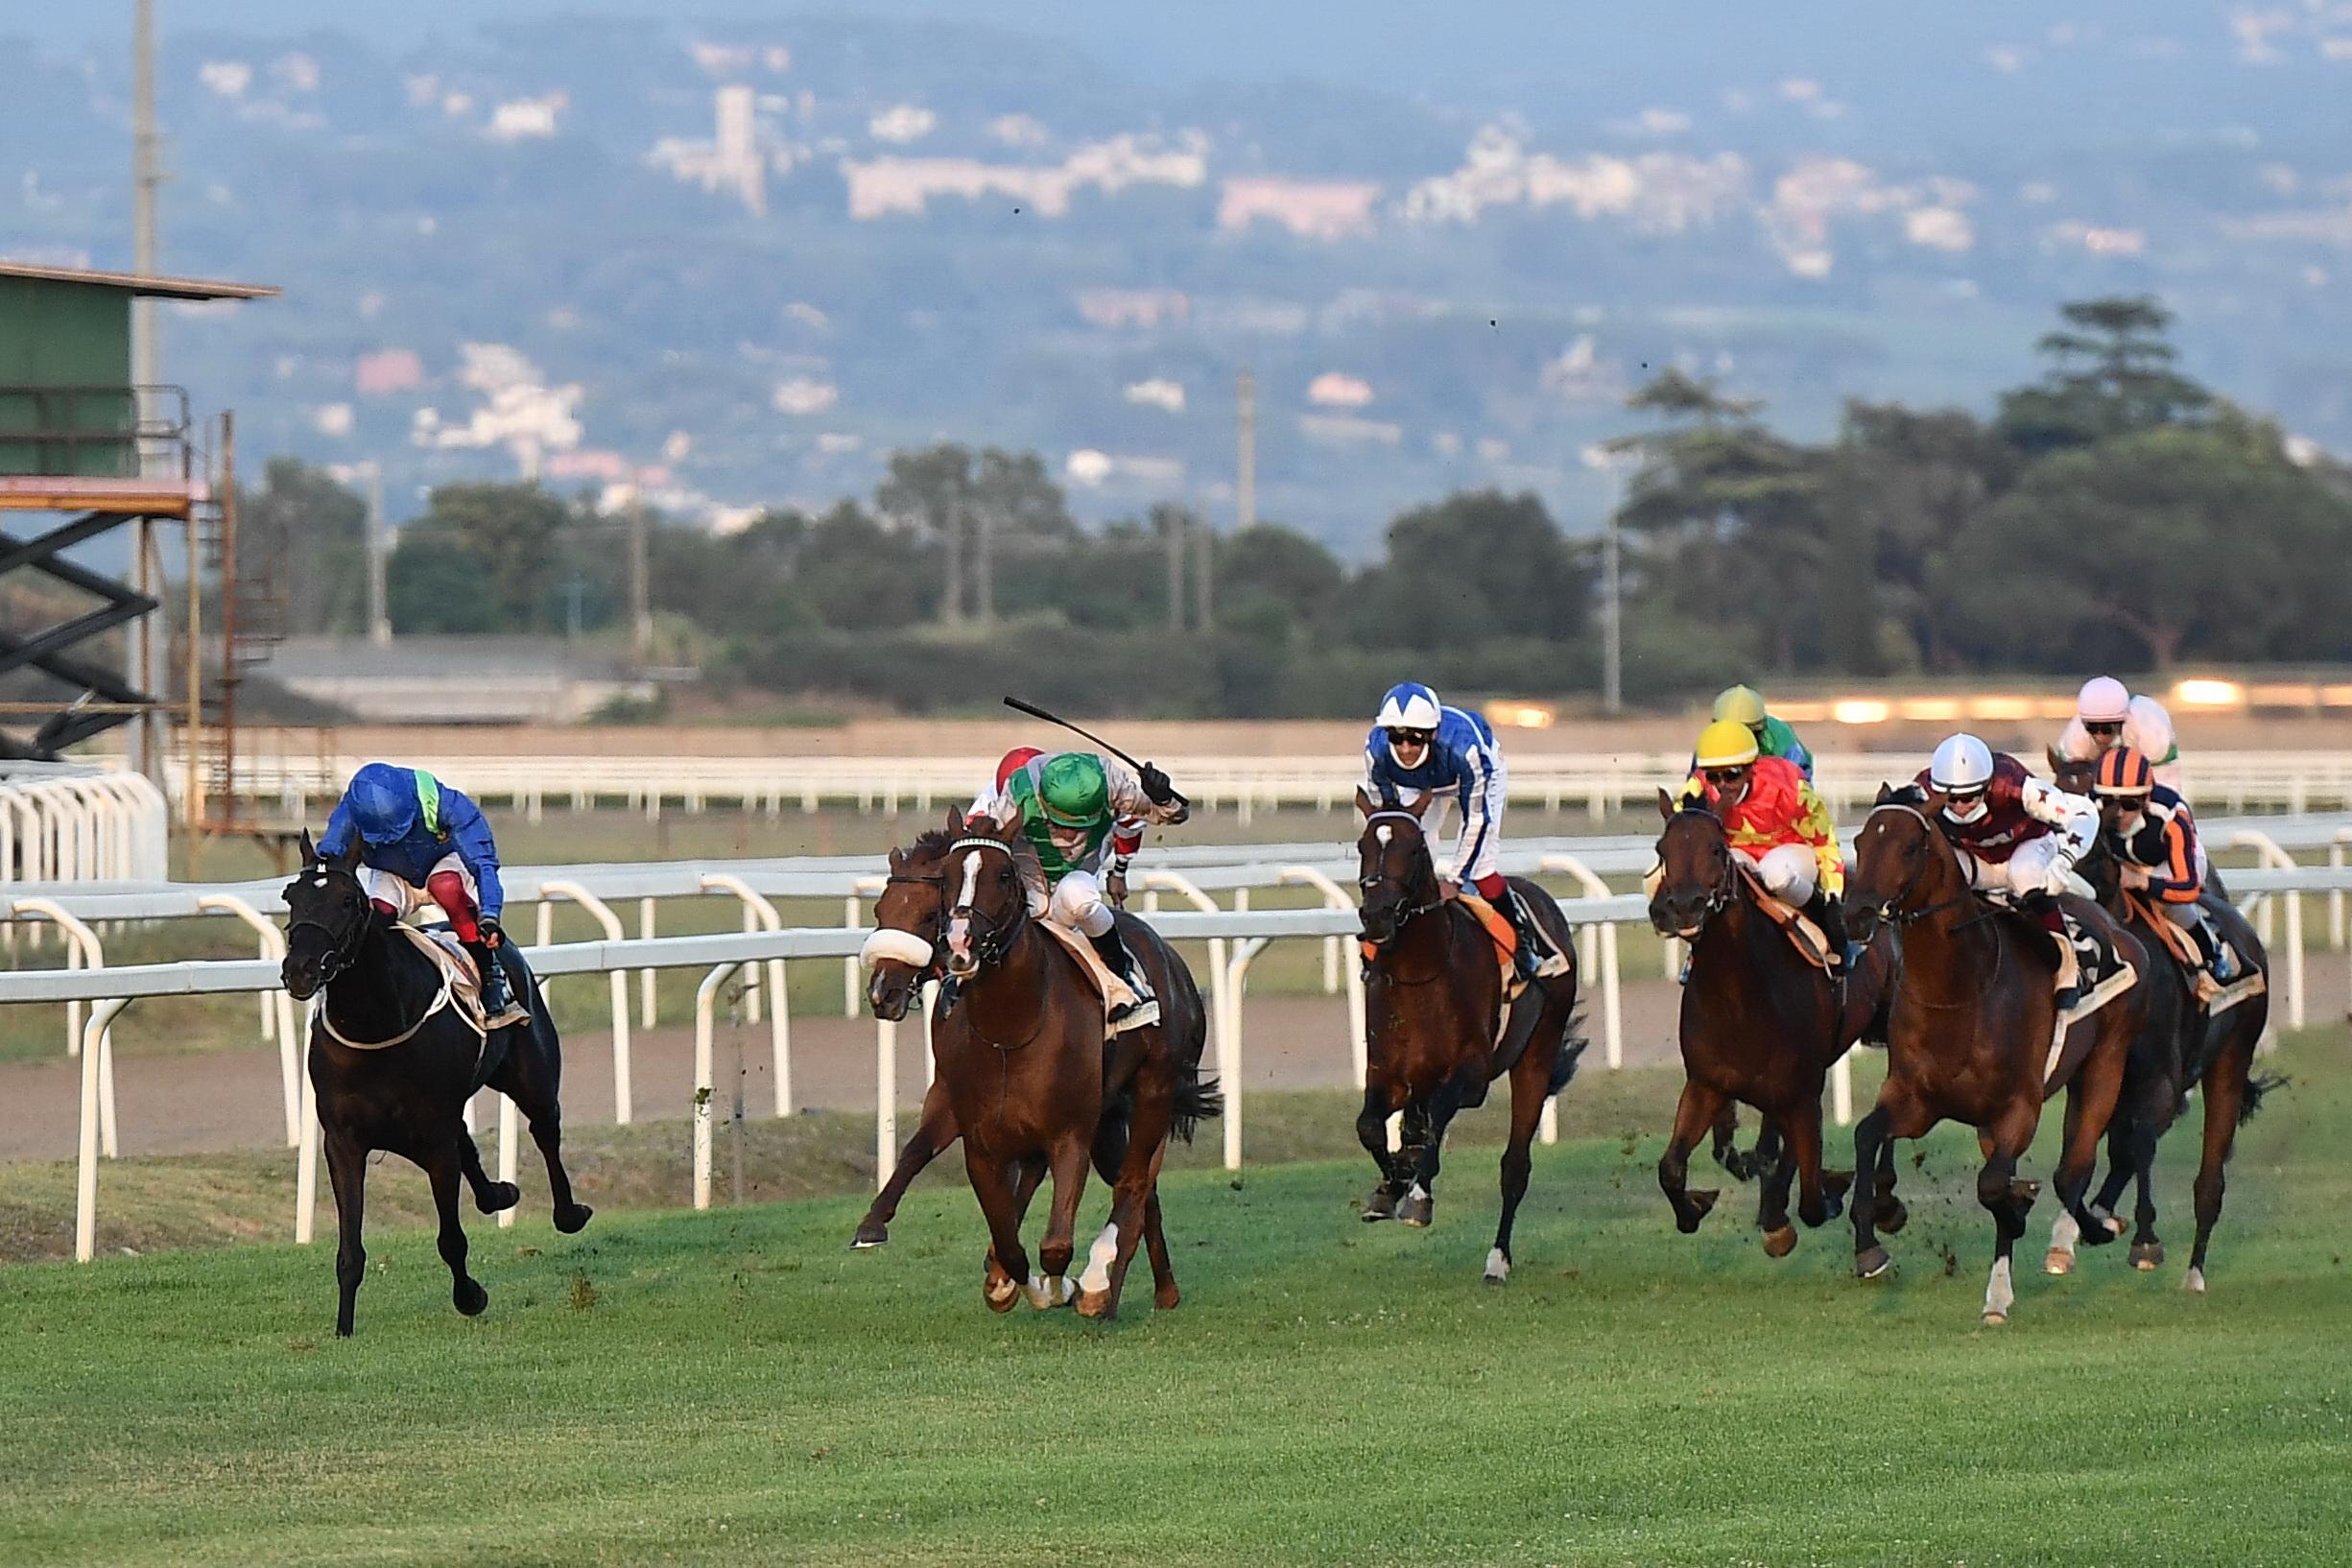 Corse regolari: oggi a Chillivani due corse per cavalli anglo-arabi